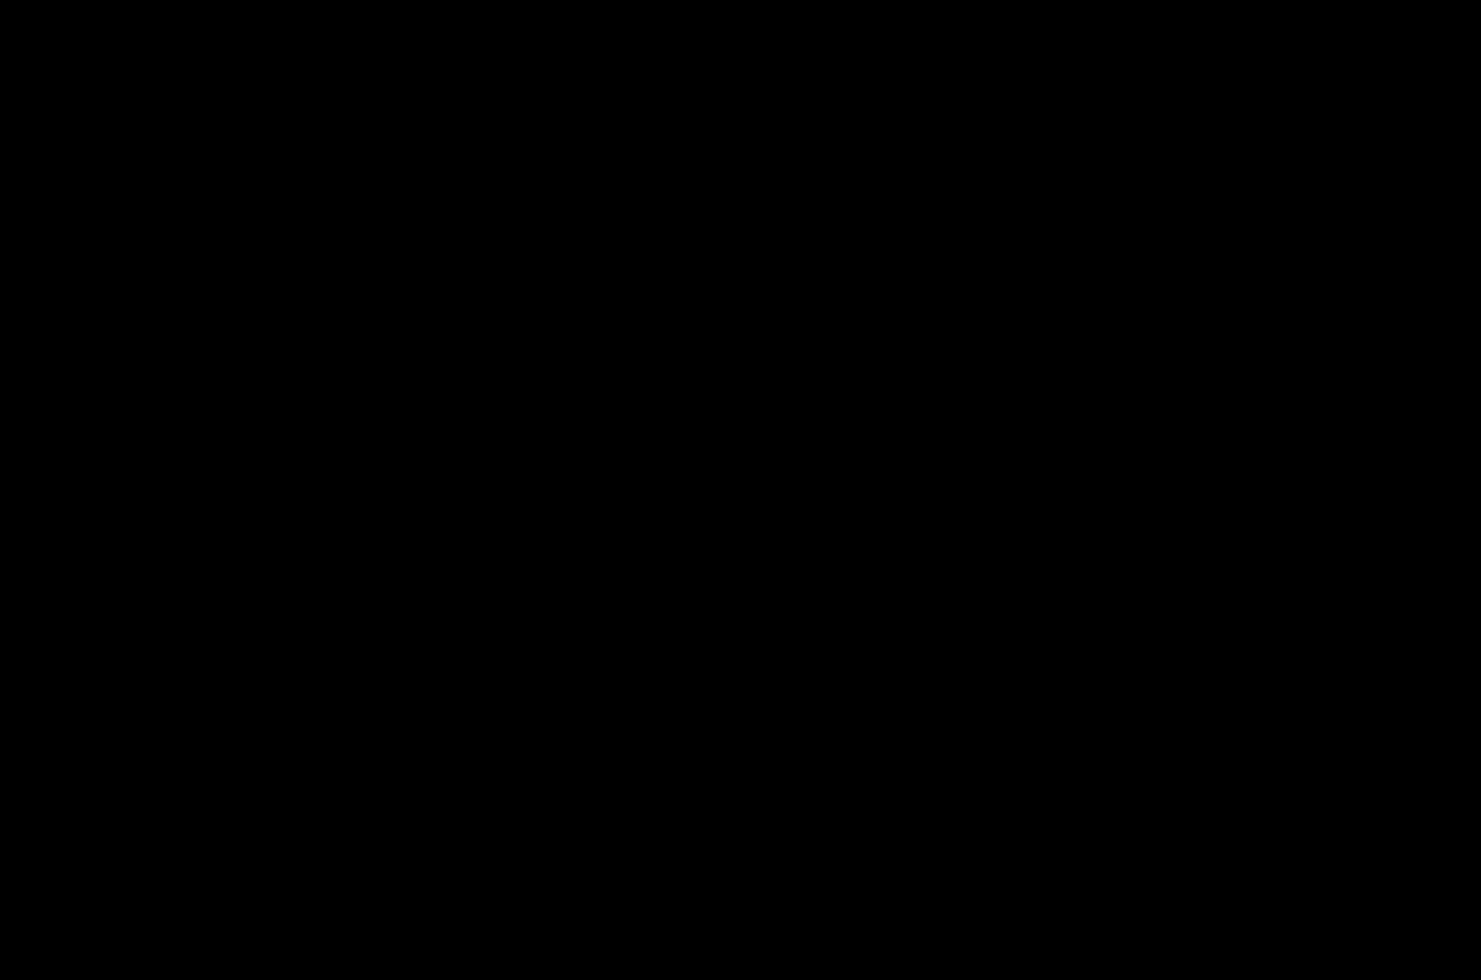 logotipos de montanha png